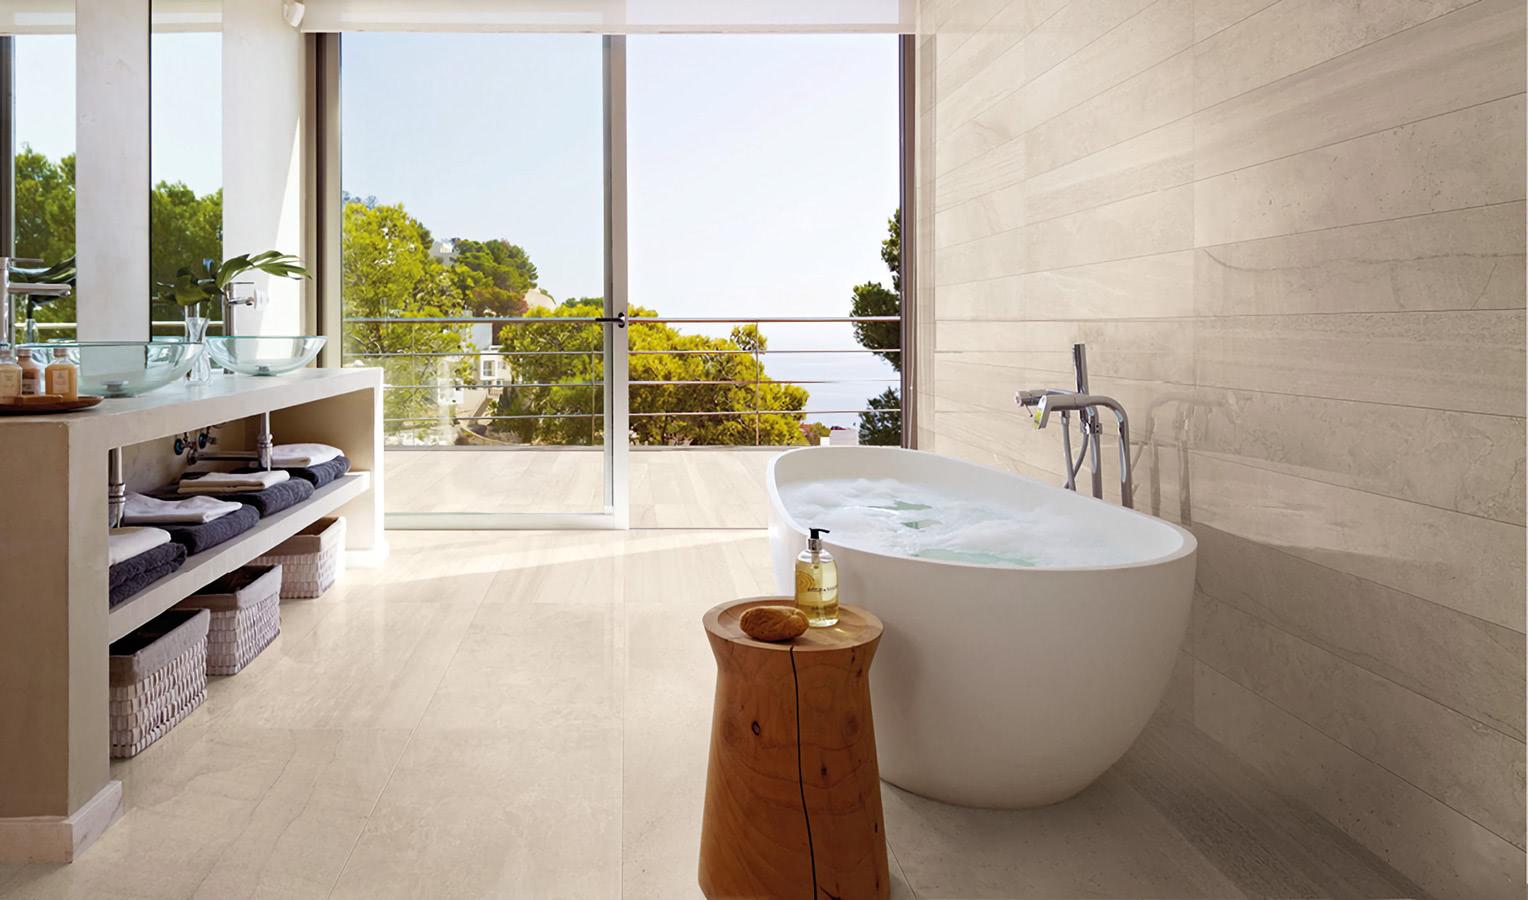 Badkamer Tegels Ceramico : Badkamertegels wit keramisch te koop in waasmunster tweedehands